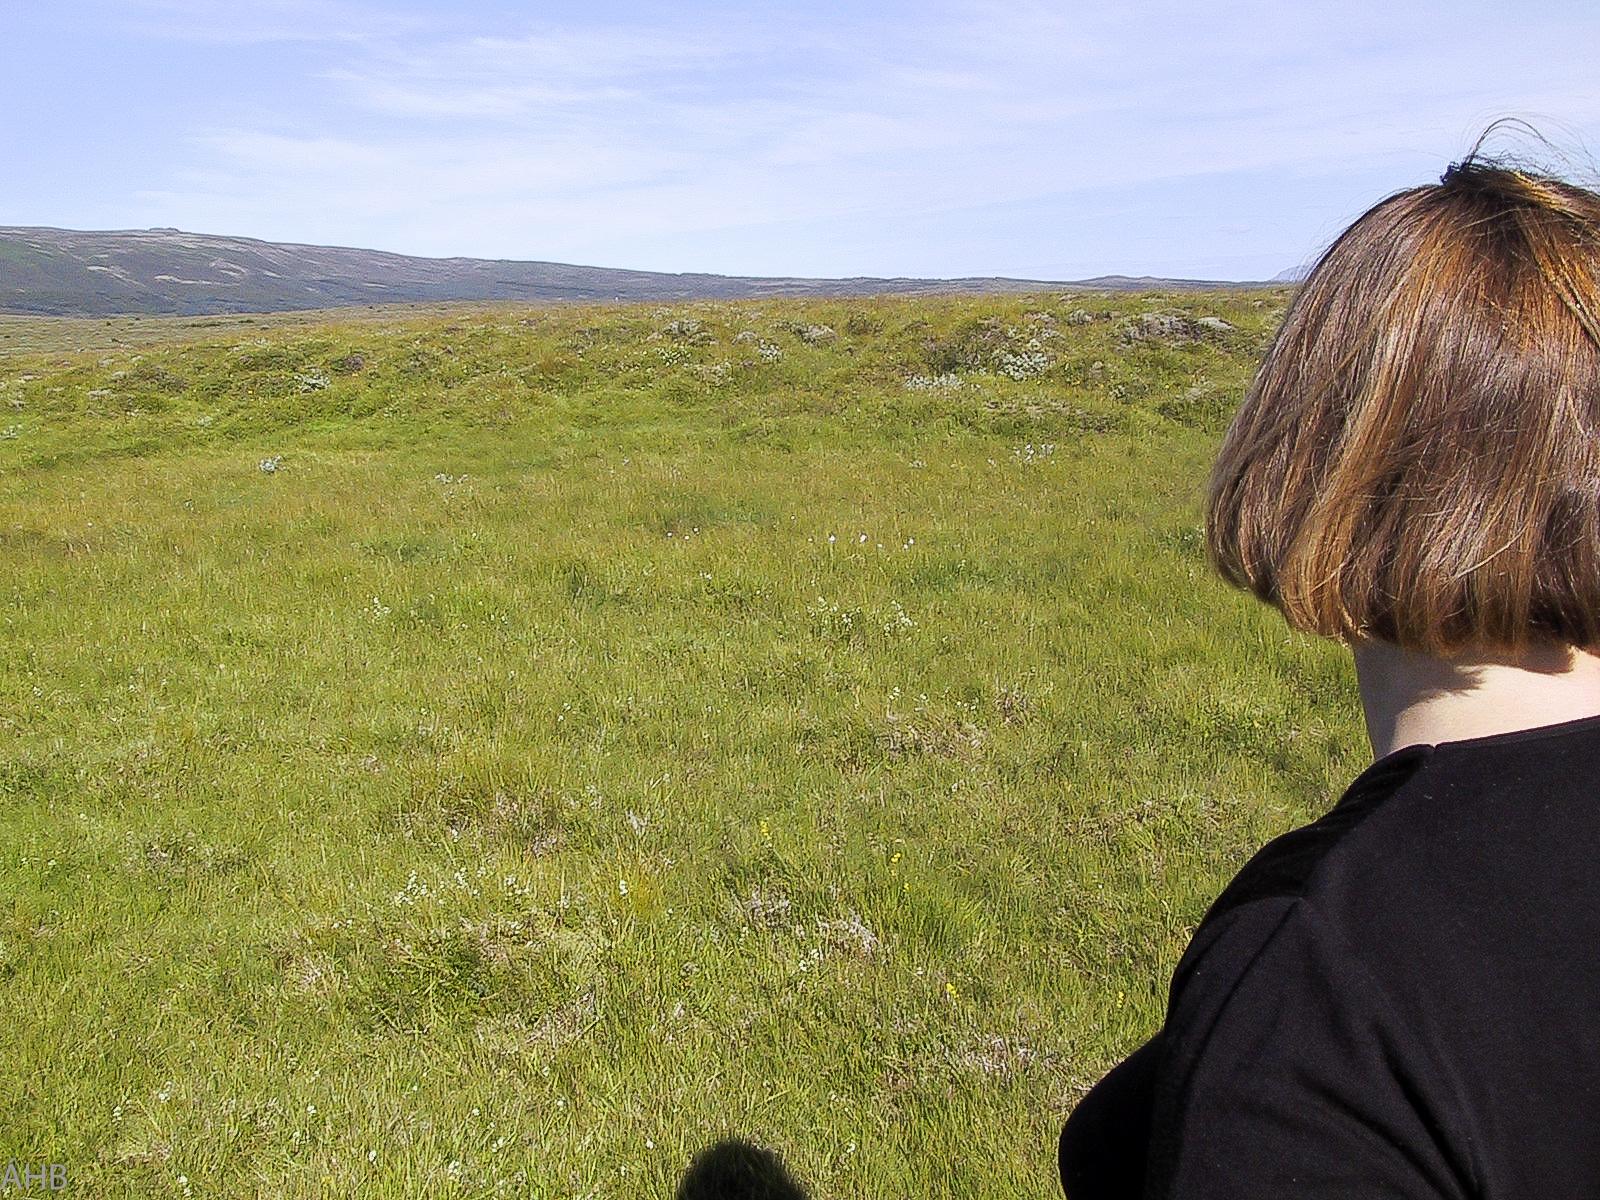 Ágúst 2000. Horftfrá ánni í átt að byggingareitnum tilvonandi.